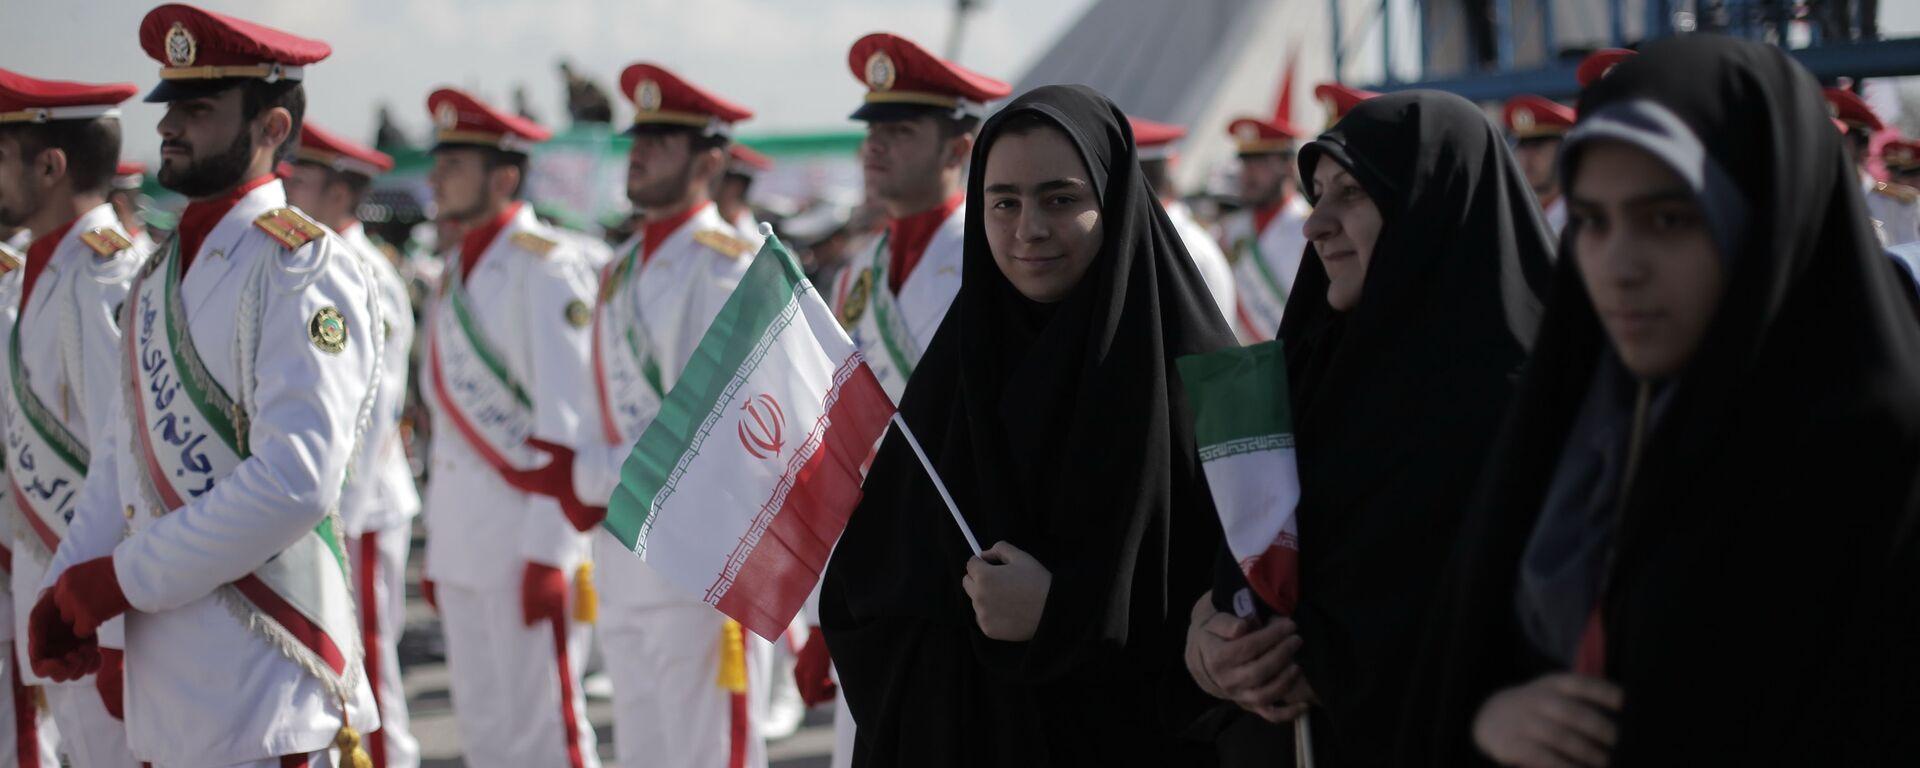 Празднование годовщины исламской революции в Иране. КСИР - Sputnik Армения, 1920, 24.07.2021